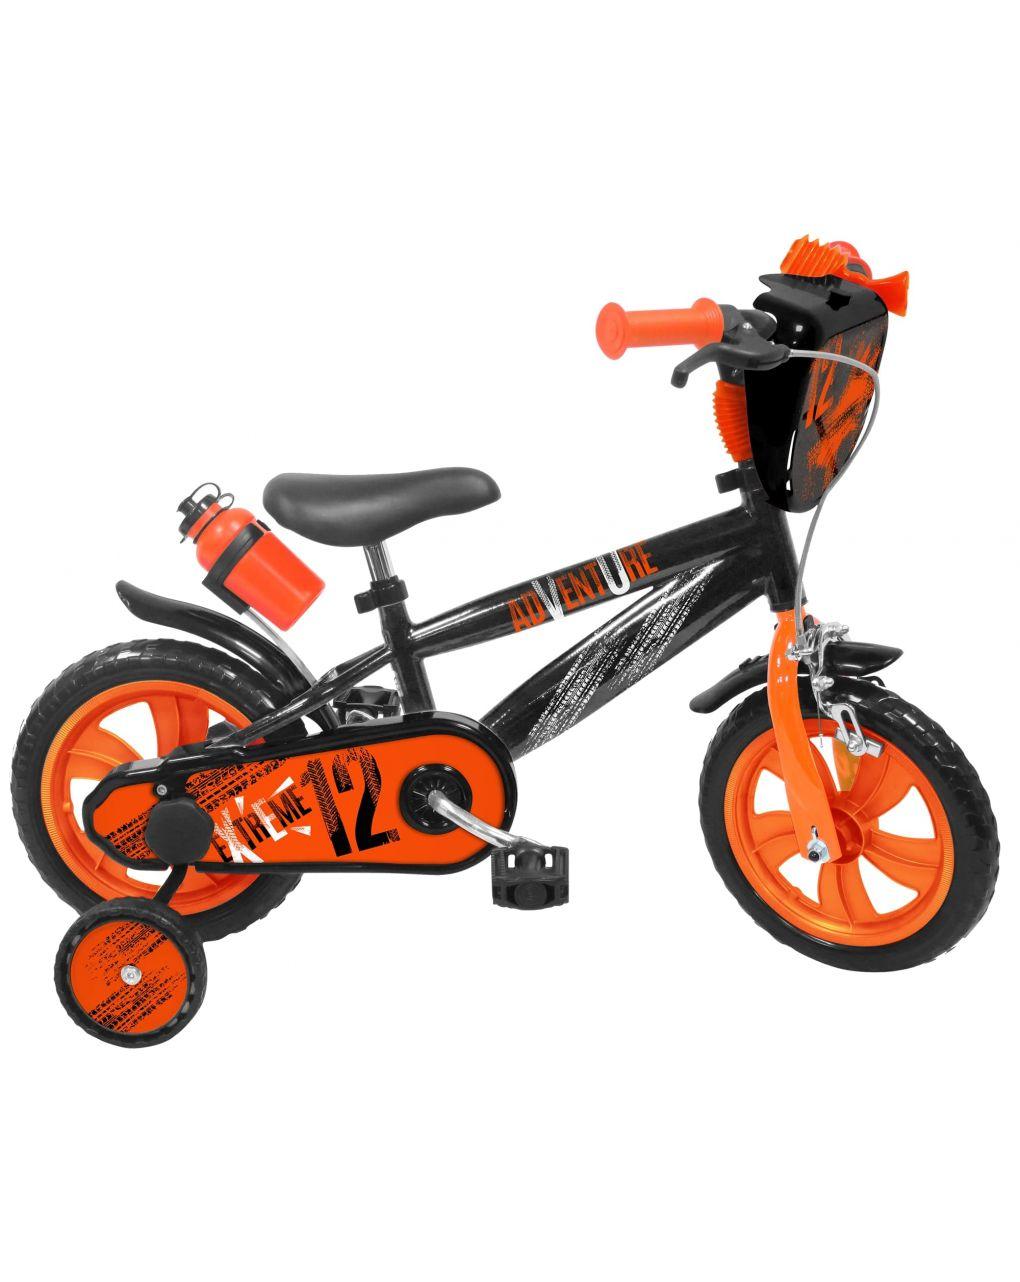 Sun&sport - bicicletta 12 pollici - Sun&Sport